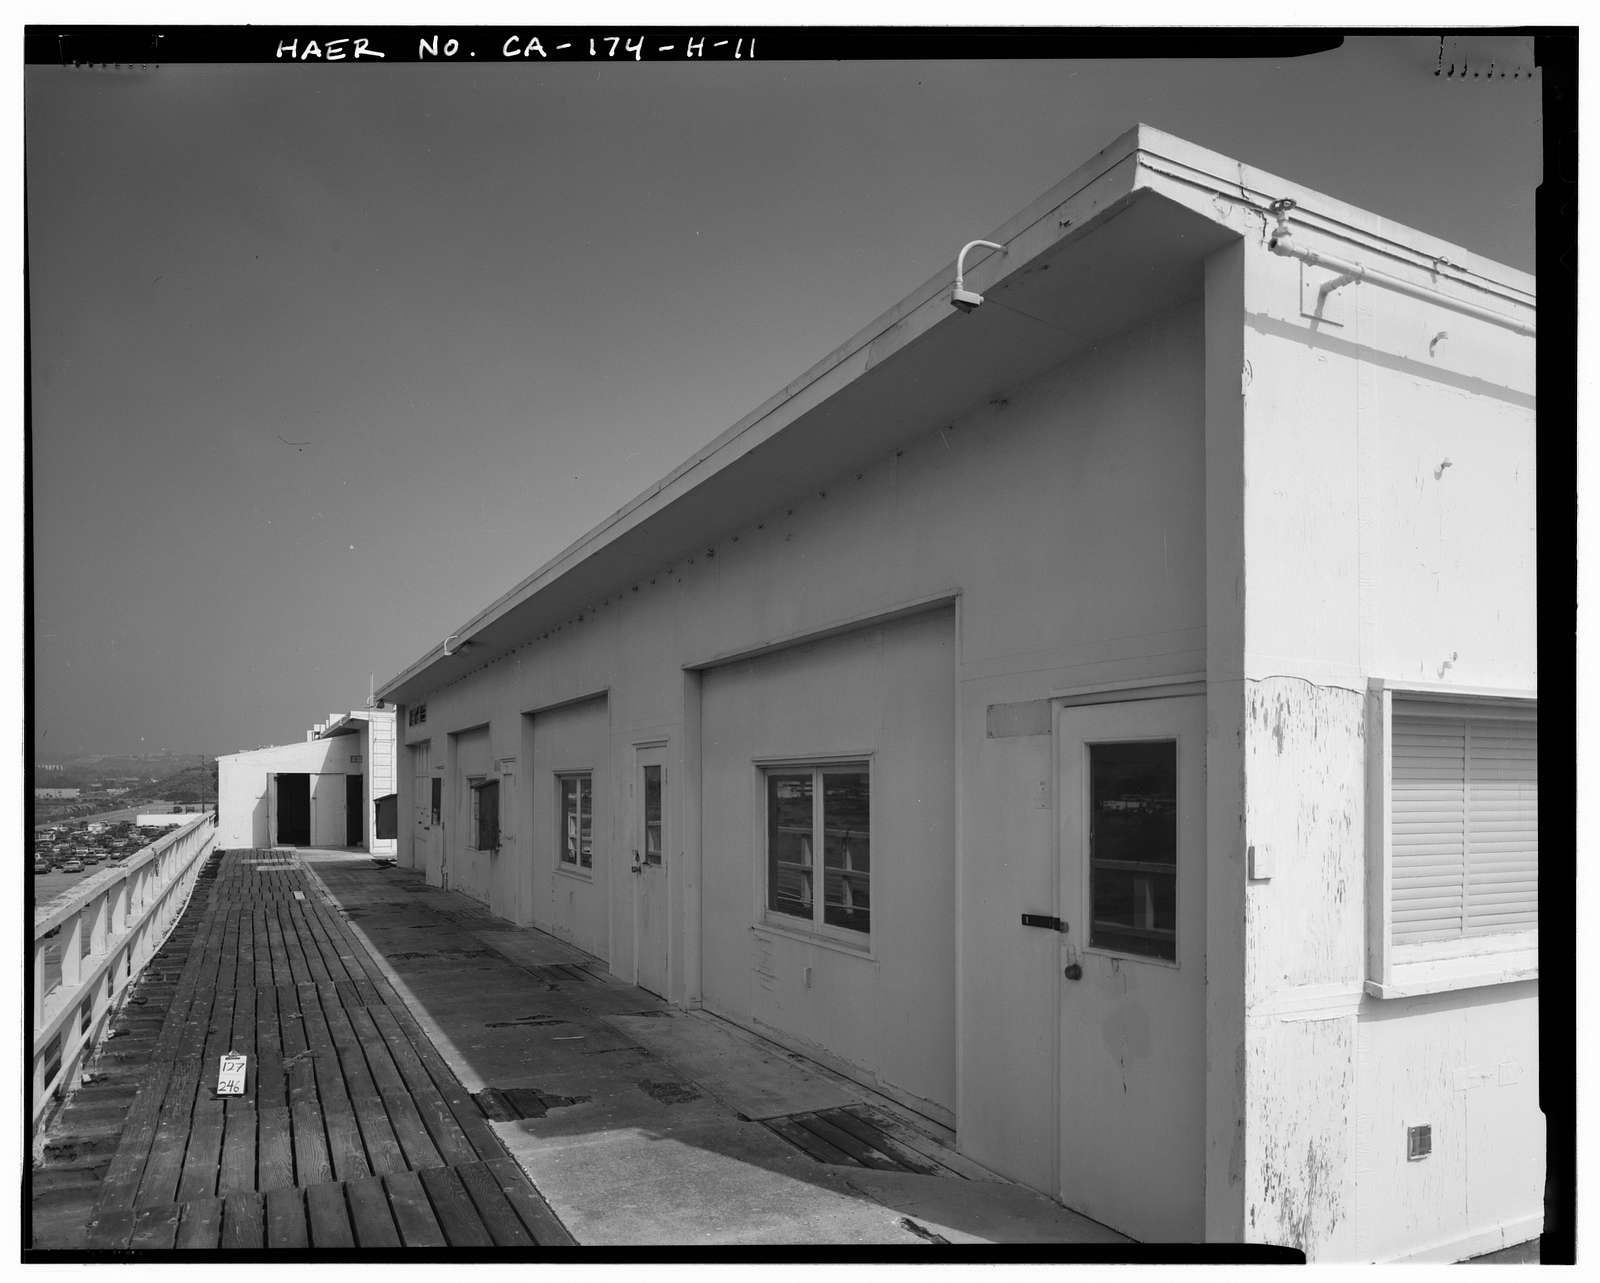 Hughes Aircraft Company, Radar Building, 6775 Centinela Avenue, Los Angeles, Los Angeles County, CA